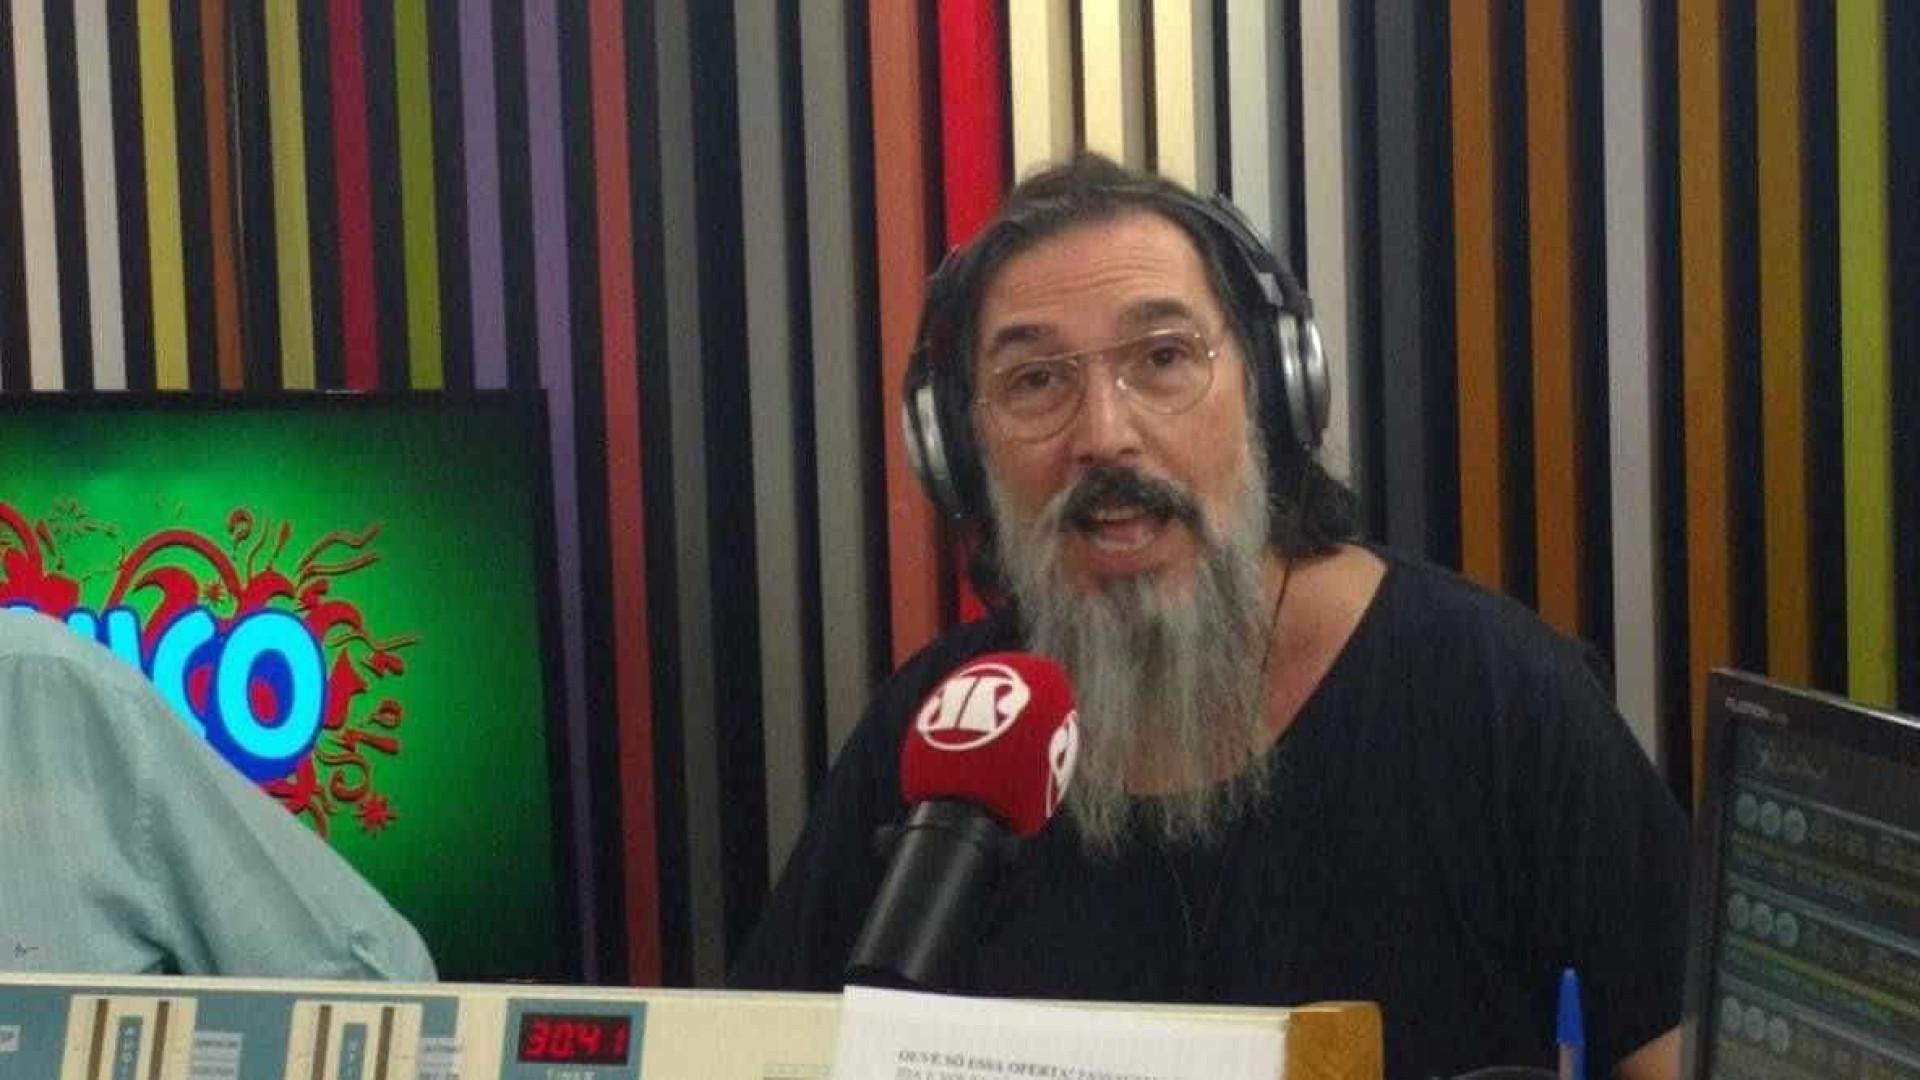 'Roger Waters é cafonérrimo', afirma Lobão sobre o ex-Pink Floyd